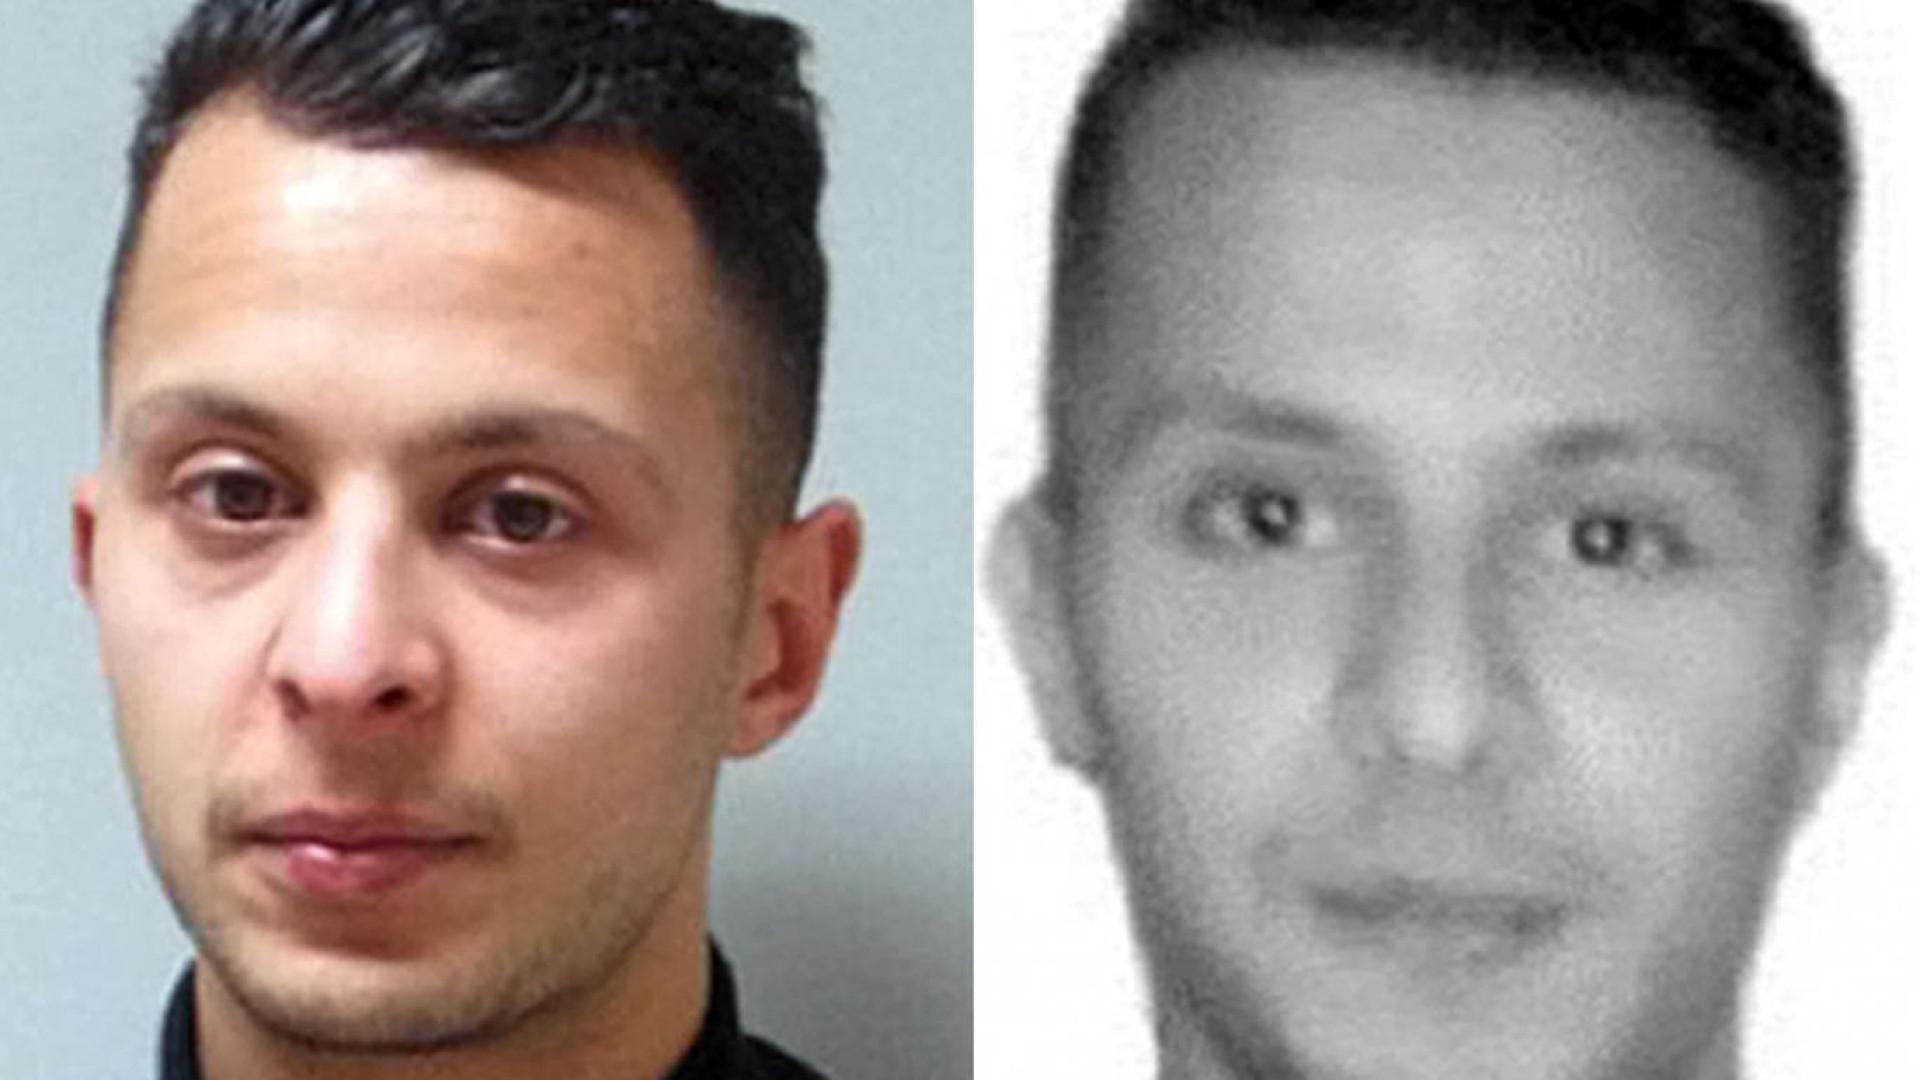 Salah Abdeslam condenado a 20 anos de prisão na Bélgica